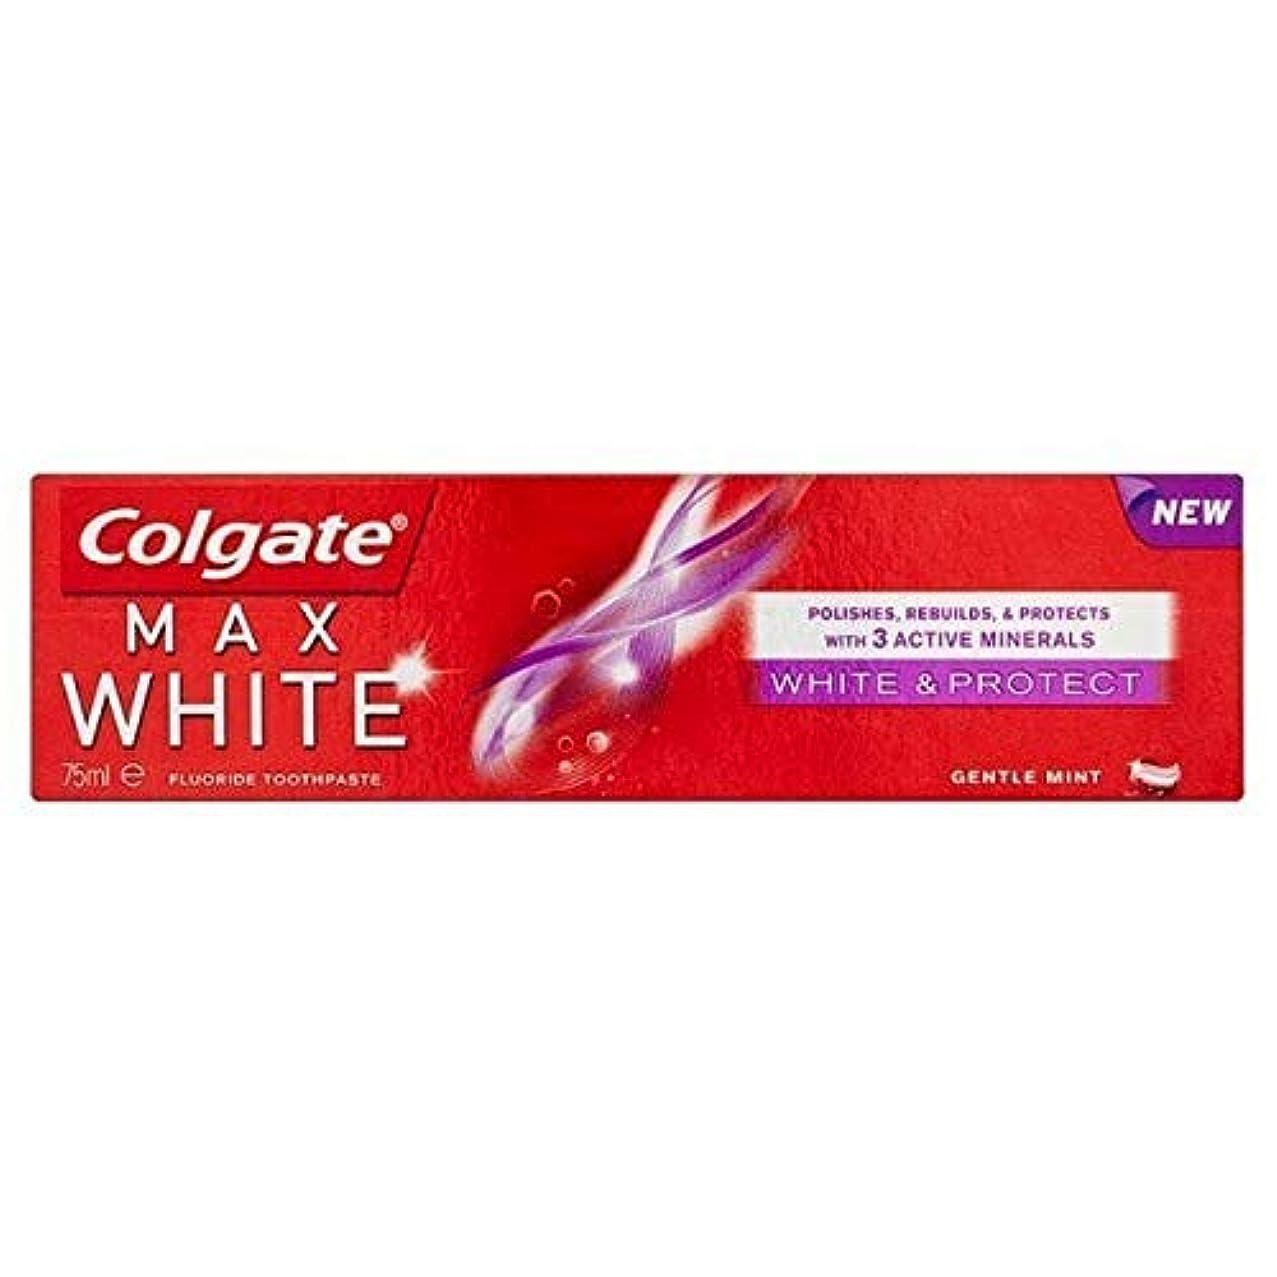 アラブ例示する発音する[Colgate ] コルゲートマックスホワイトホワイトニング&歯磨き粉75ミリリットルを保護 - Colgate Max White Whitening & Protect Toothpaste 75ml [並行輸入品]